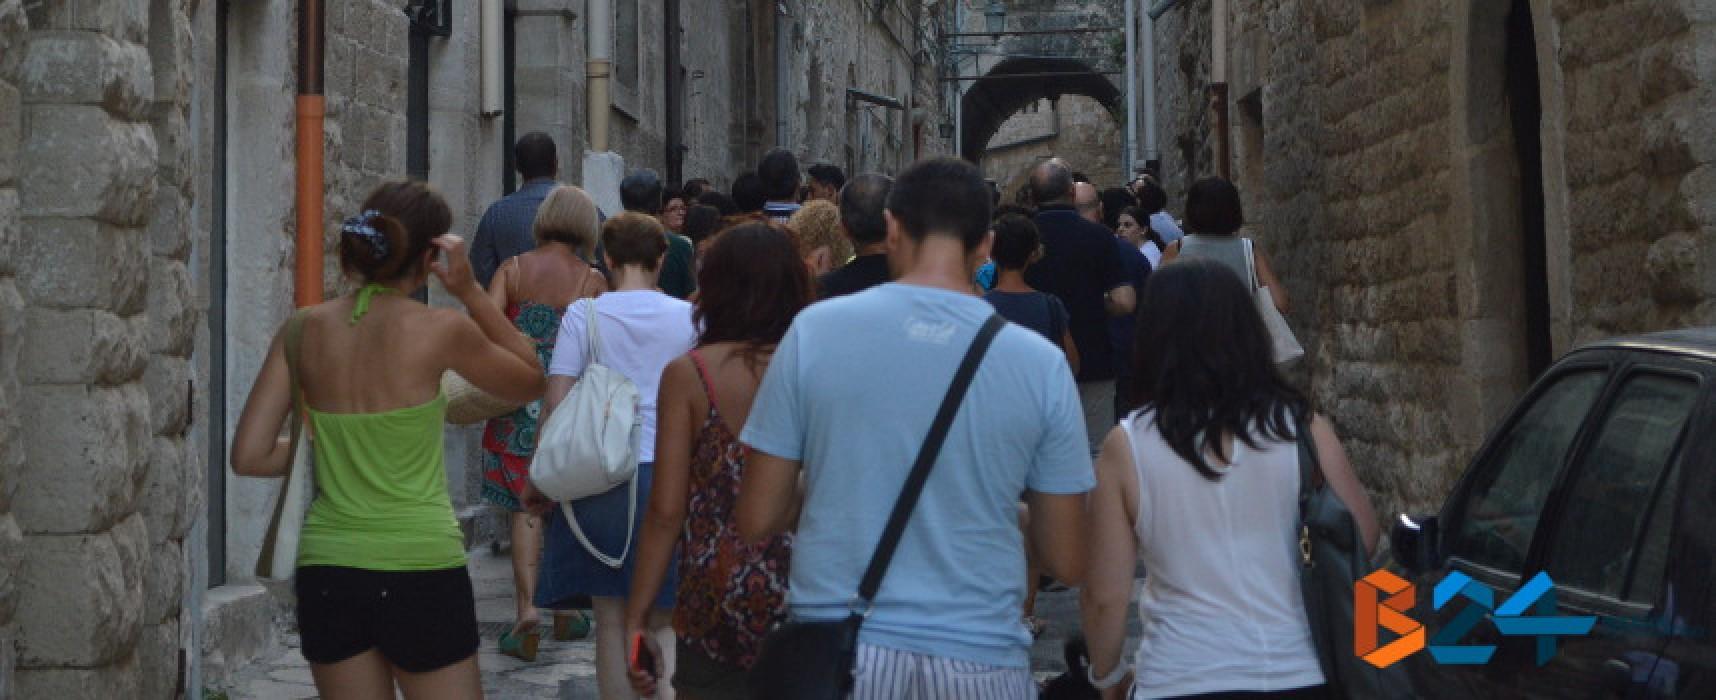 """Prima tappa di """"Bisceglie … strada facendo"""" dedicata ai non biscegliesi, tutte le foto dell'evento /FOTO"""